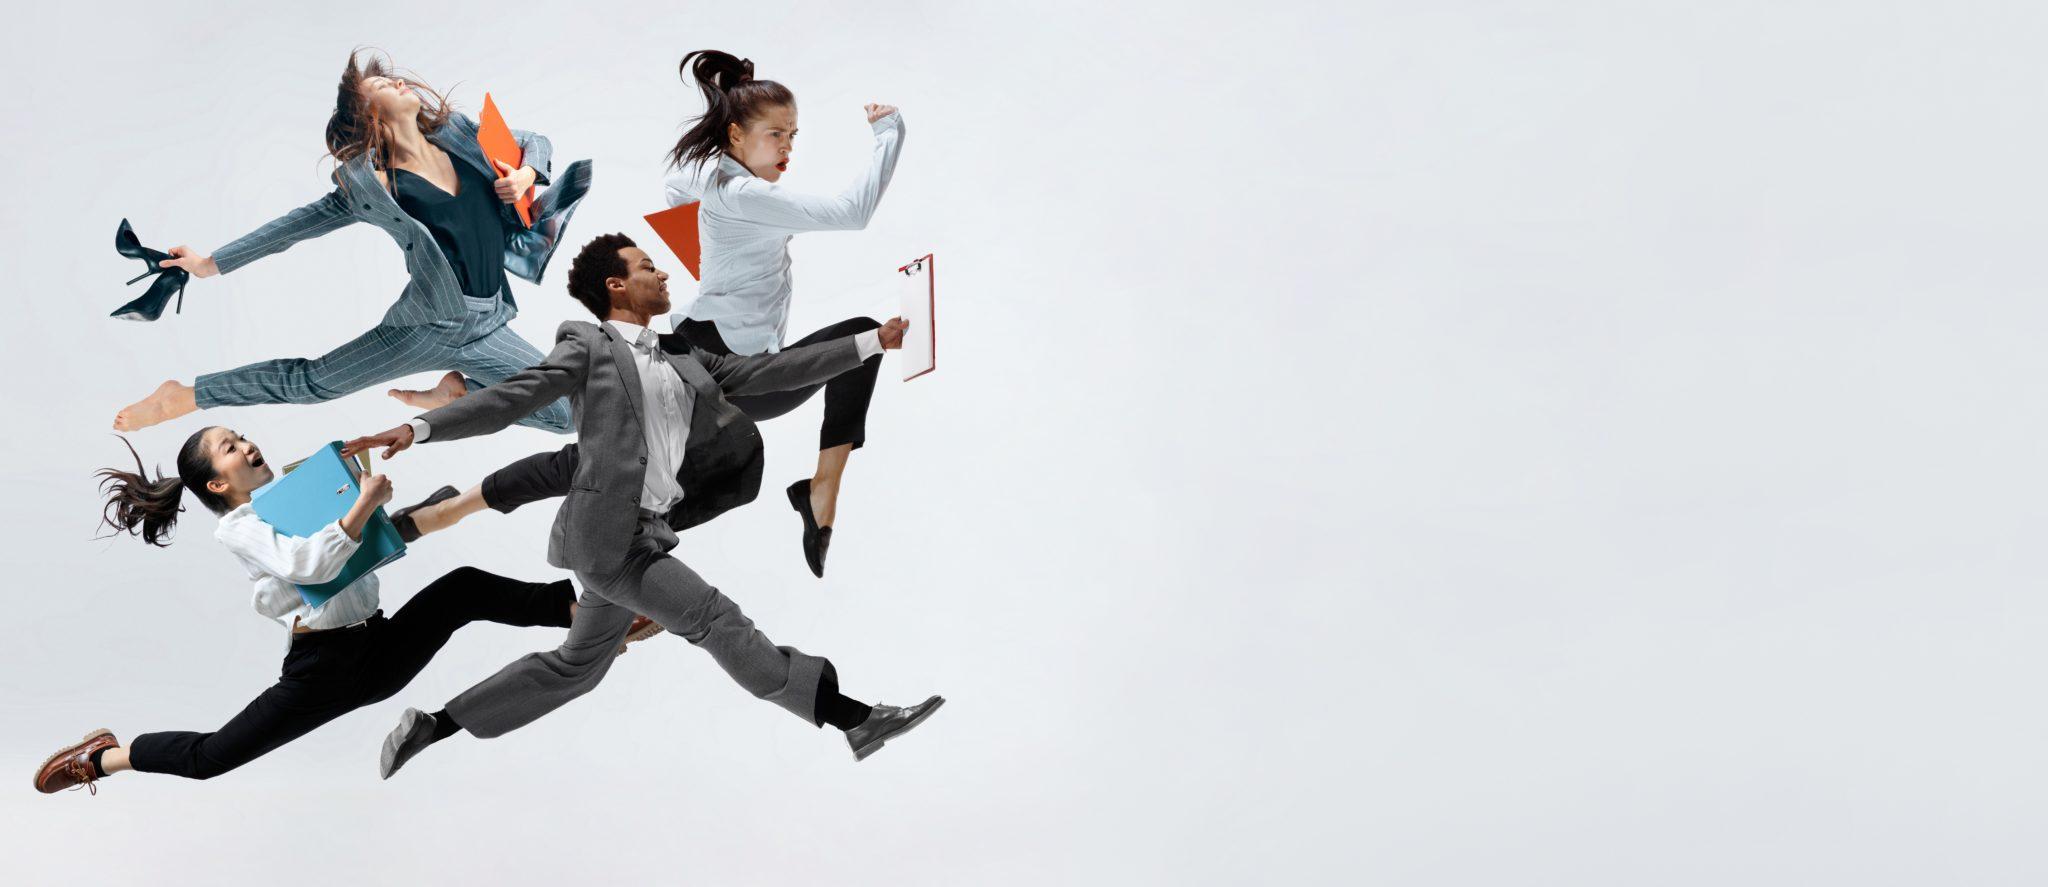 Vier rennende Personen als Metapher für Bewegung